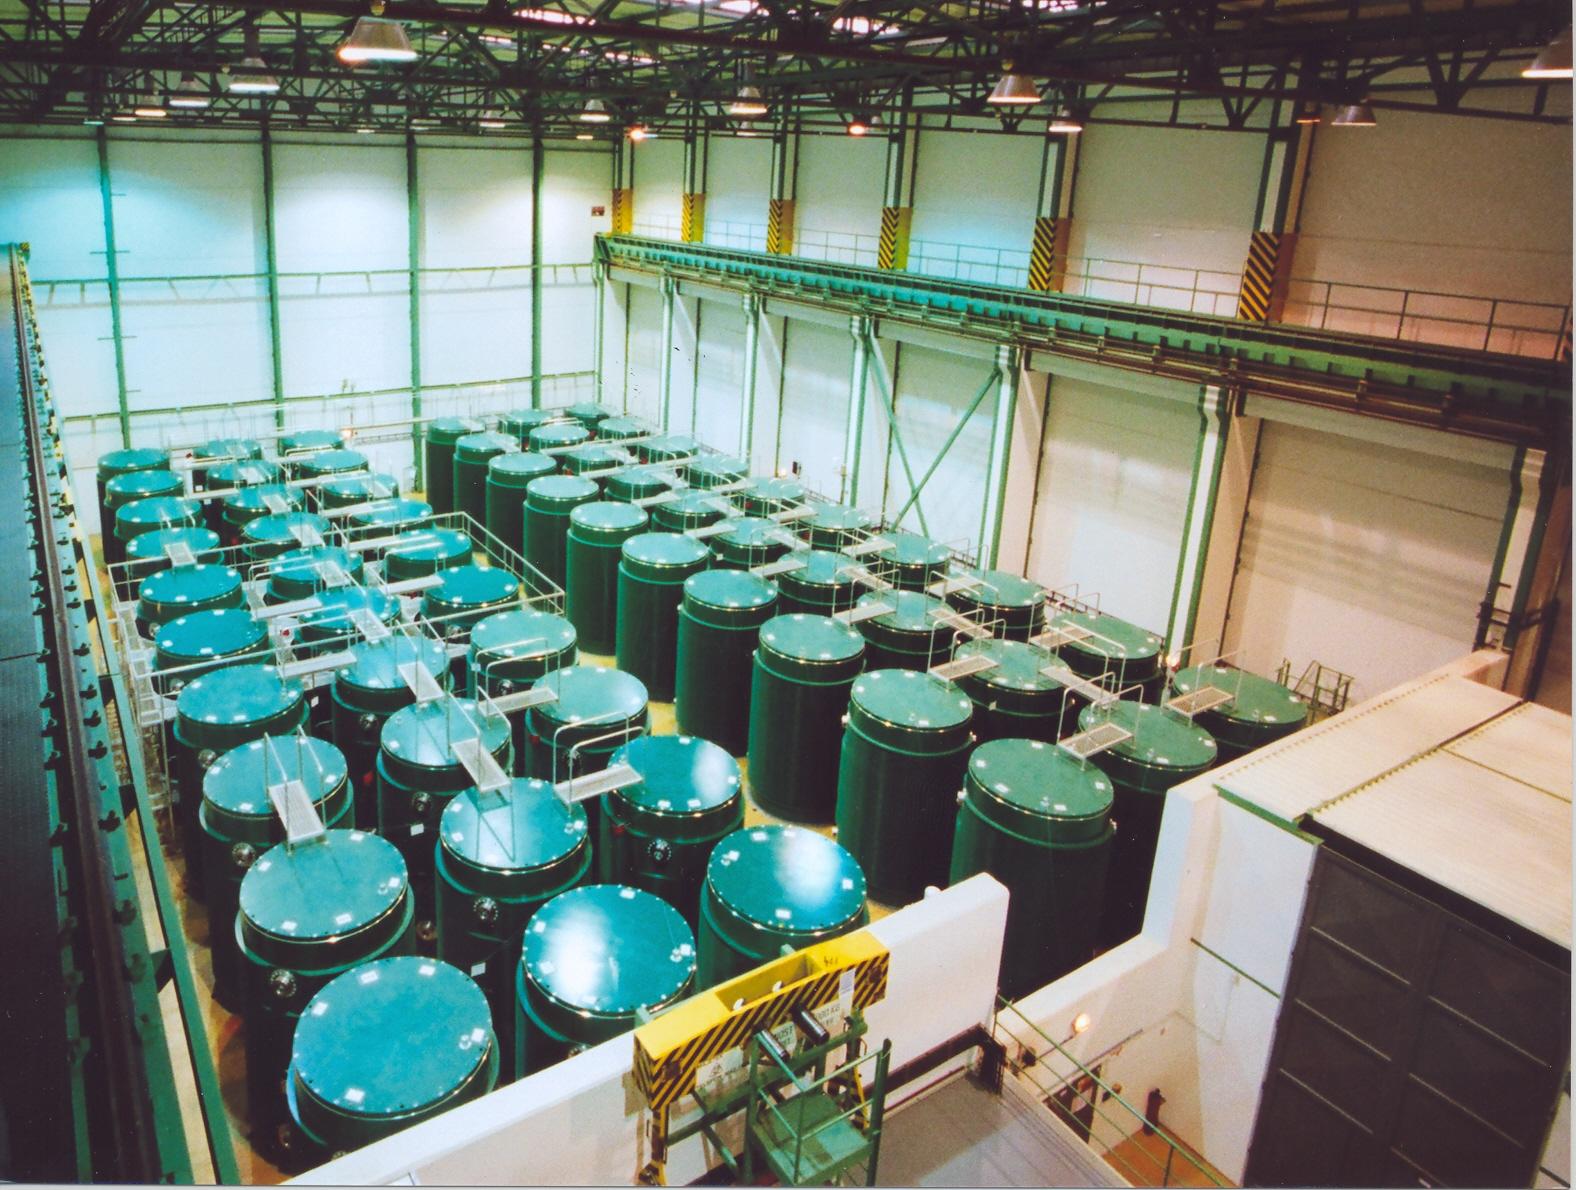 jaderná energie - iDnesBlog: Mýty kolem jaderné energetiky - zneužití odpadu jako špinavé bomby - Zprávy (MSVP 60Castoru 2) 2